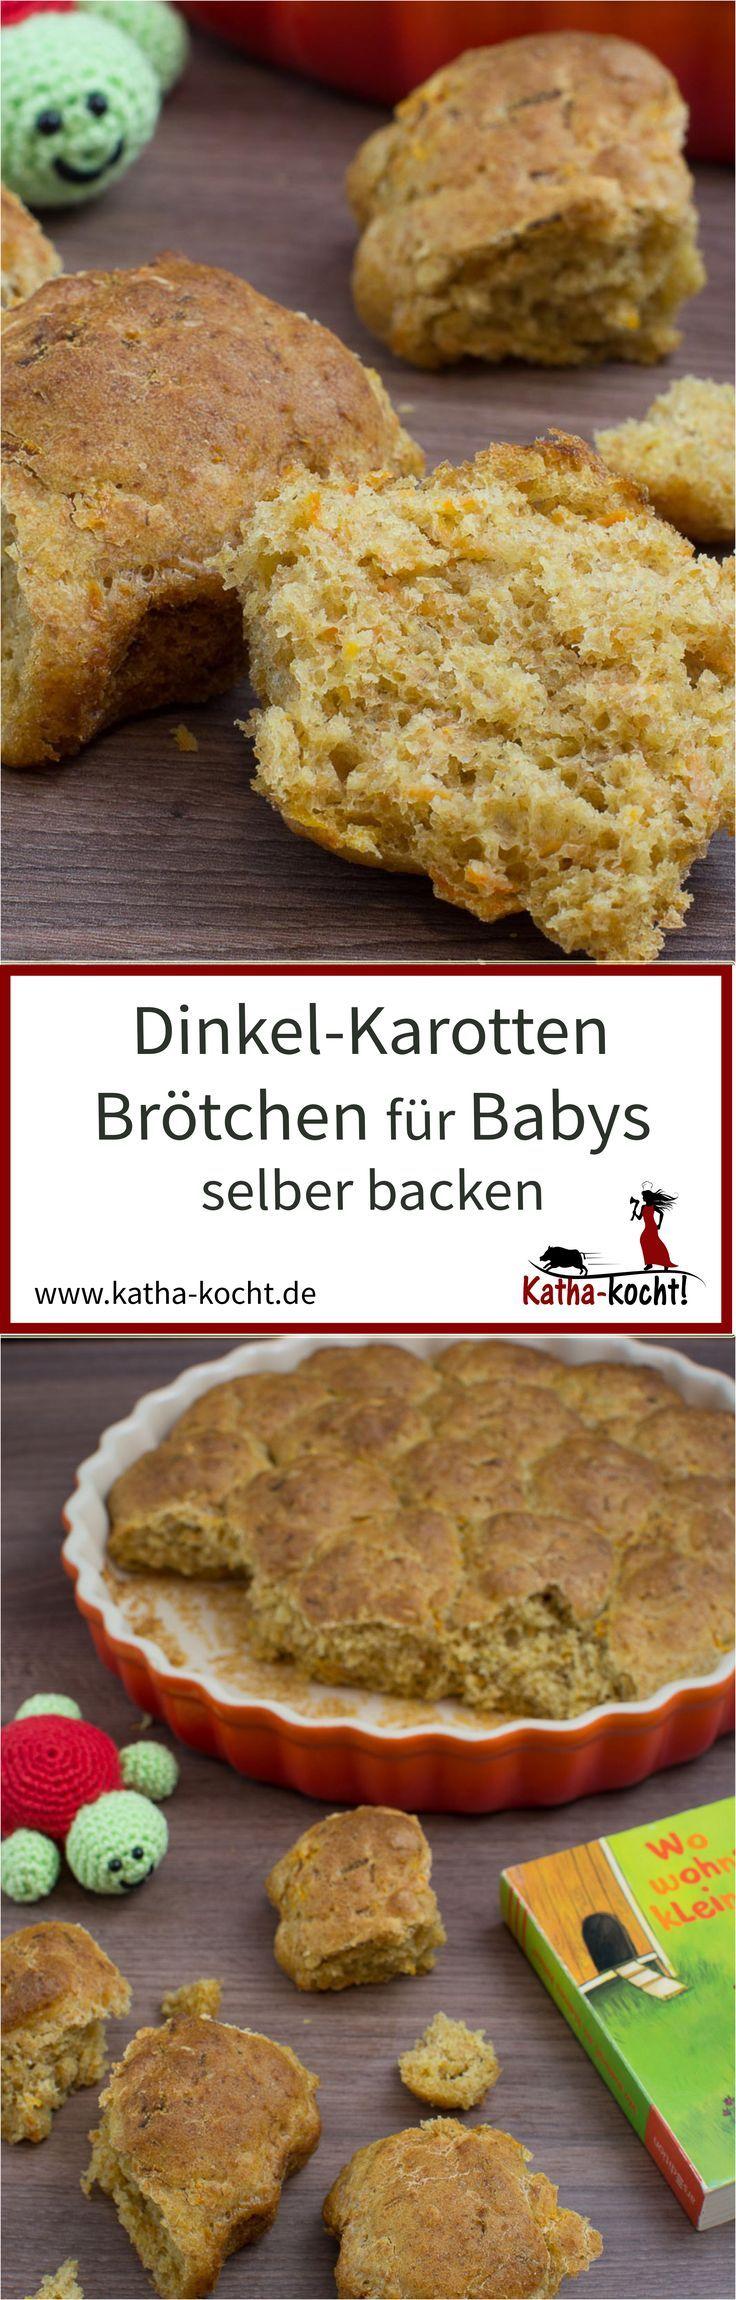 Mit diesem Rezept kannst du ganz einfach und schnell leckere Dinkel-Karotten Brötchen für dein Baby oder Kleinkind selber backen - das Rezept gibt es wie immer auf katha-kocht!